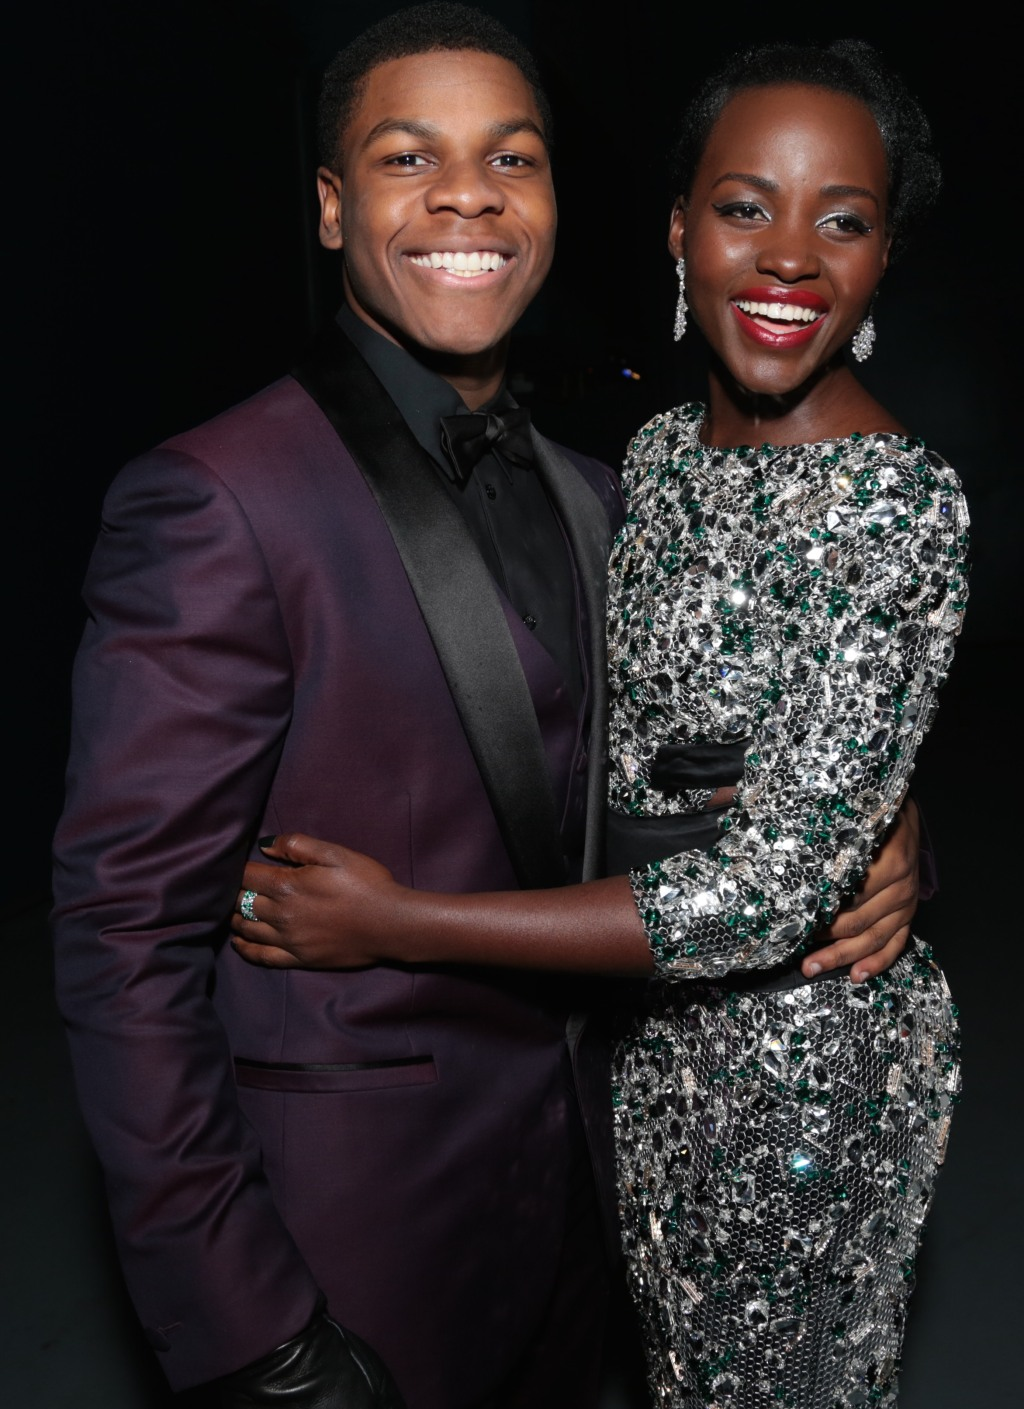 John Boyega y Lupita Nyong'o, dos de las nuevas estrellas de la saga.